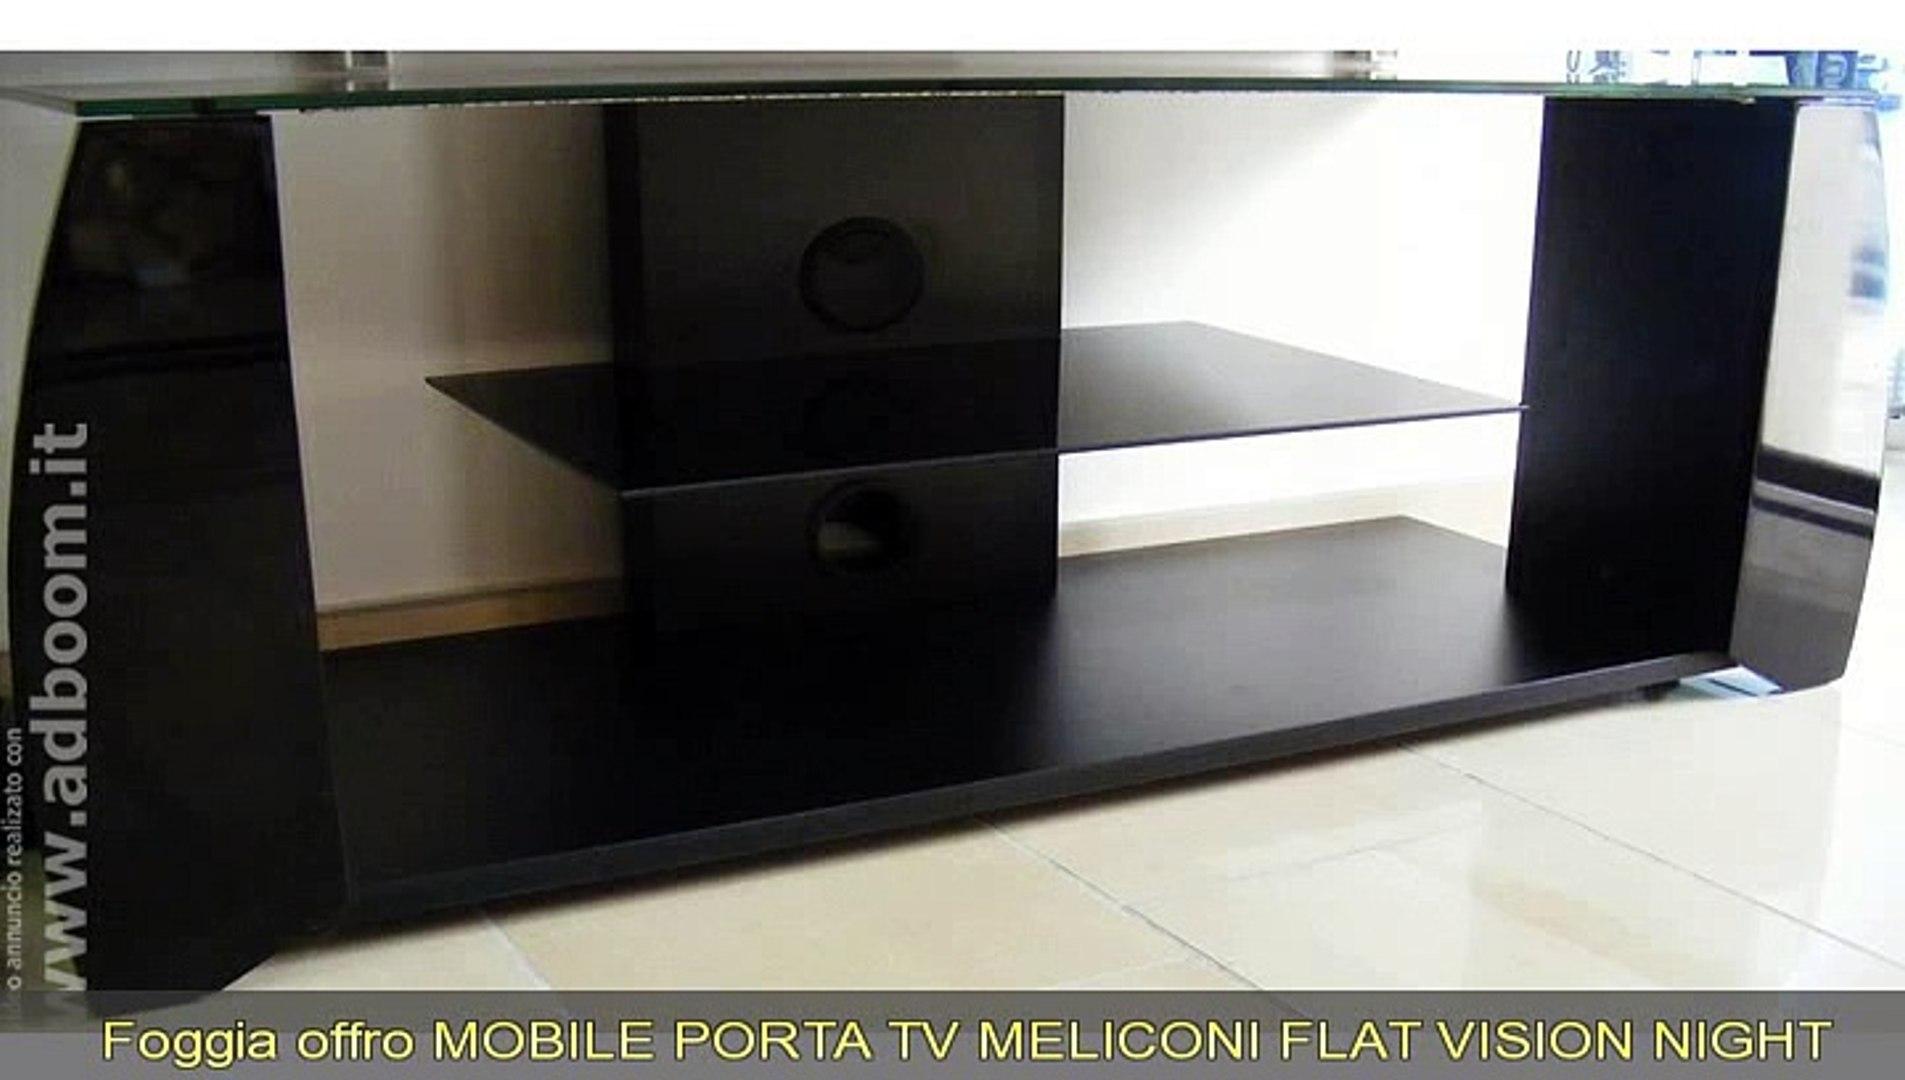 Mobile Porta Tv Meliconi.Foggia San Severo Mobile Porta Tv Meliconi Flat Vision Night Color Lcd Le Euro 100